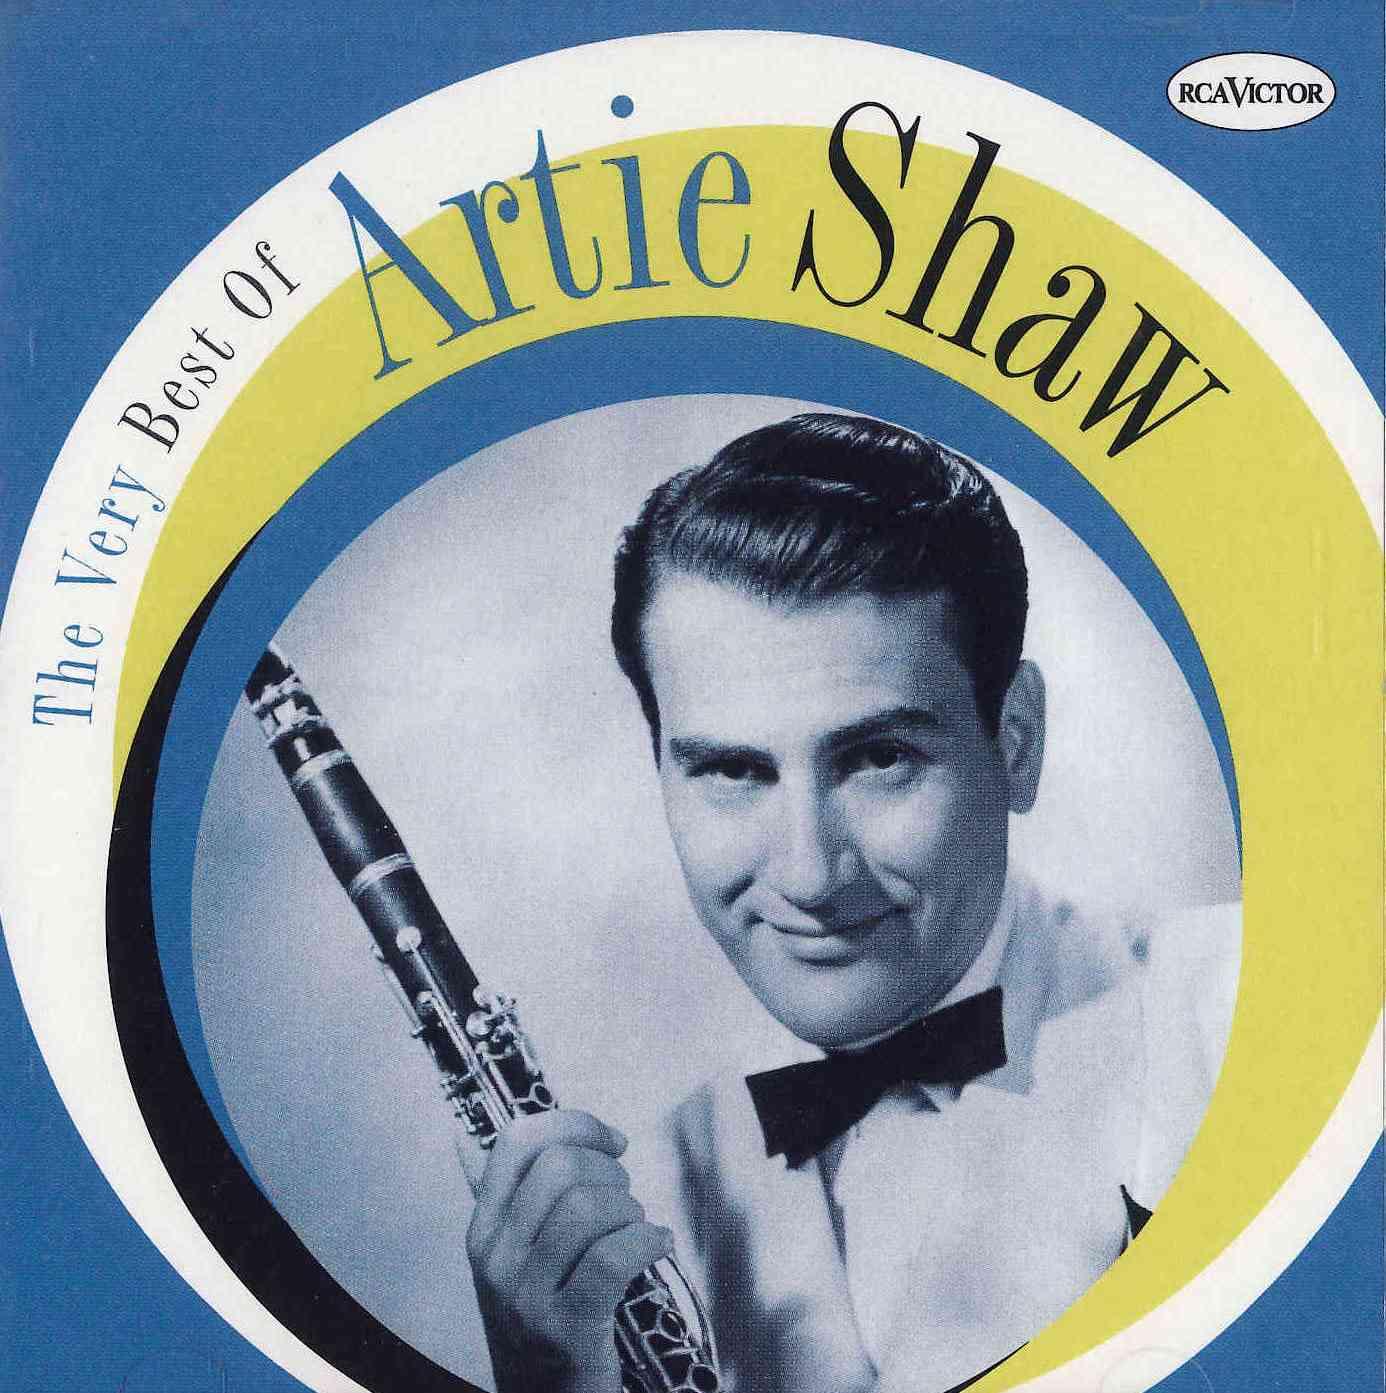 Artie Shaw - Very Best of Artie Shaw